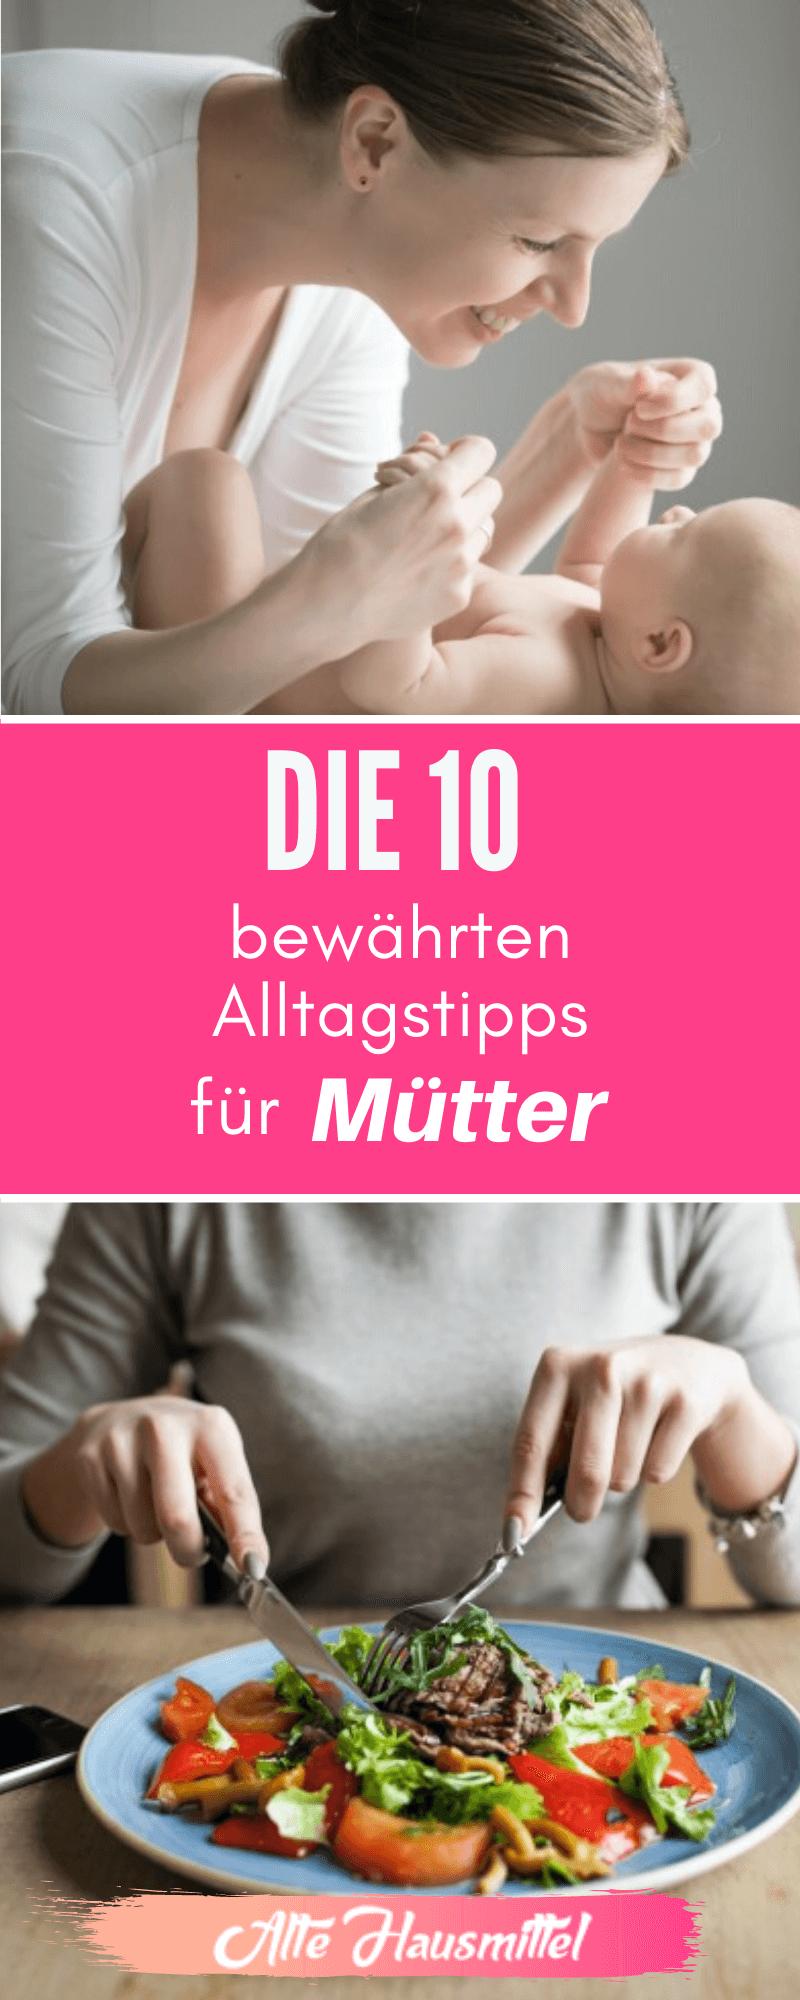 Die 10 bewährten Alltagstipps für Mütter